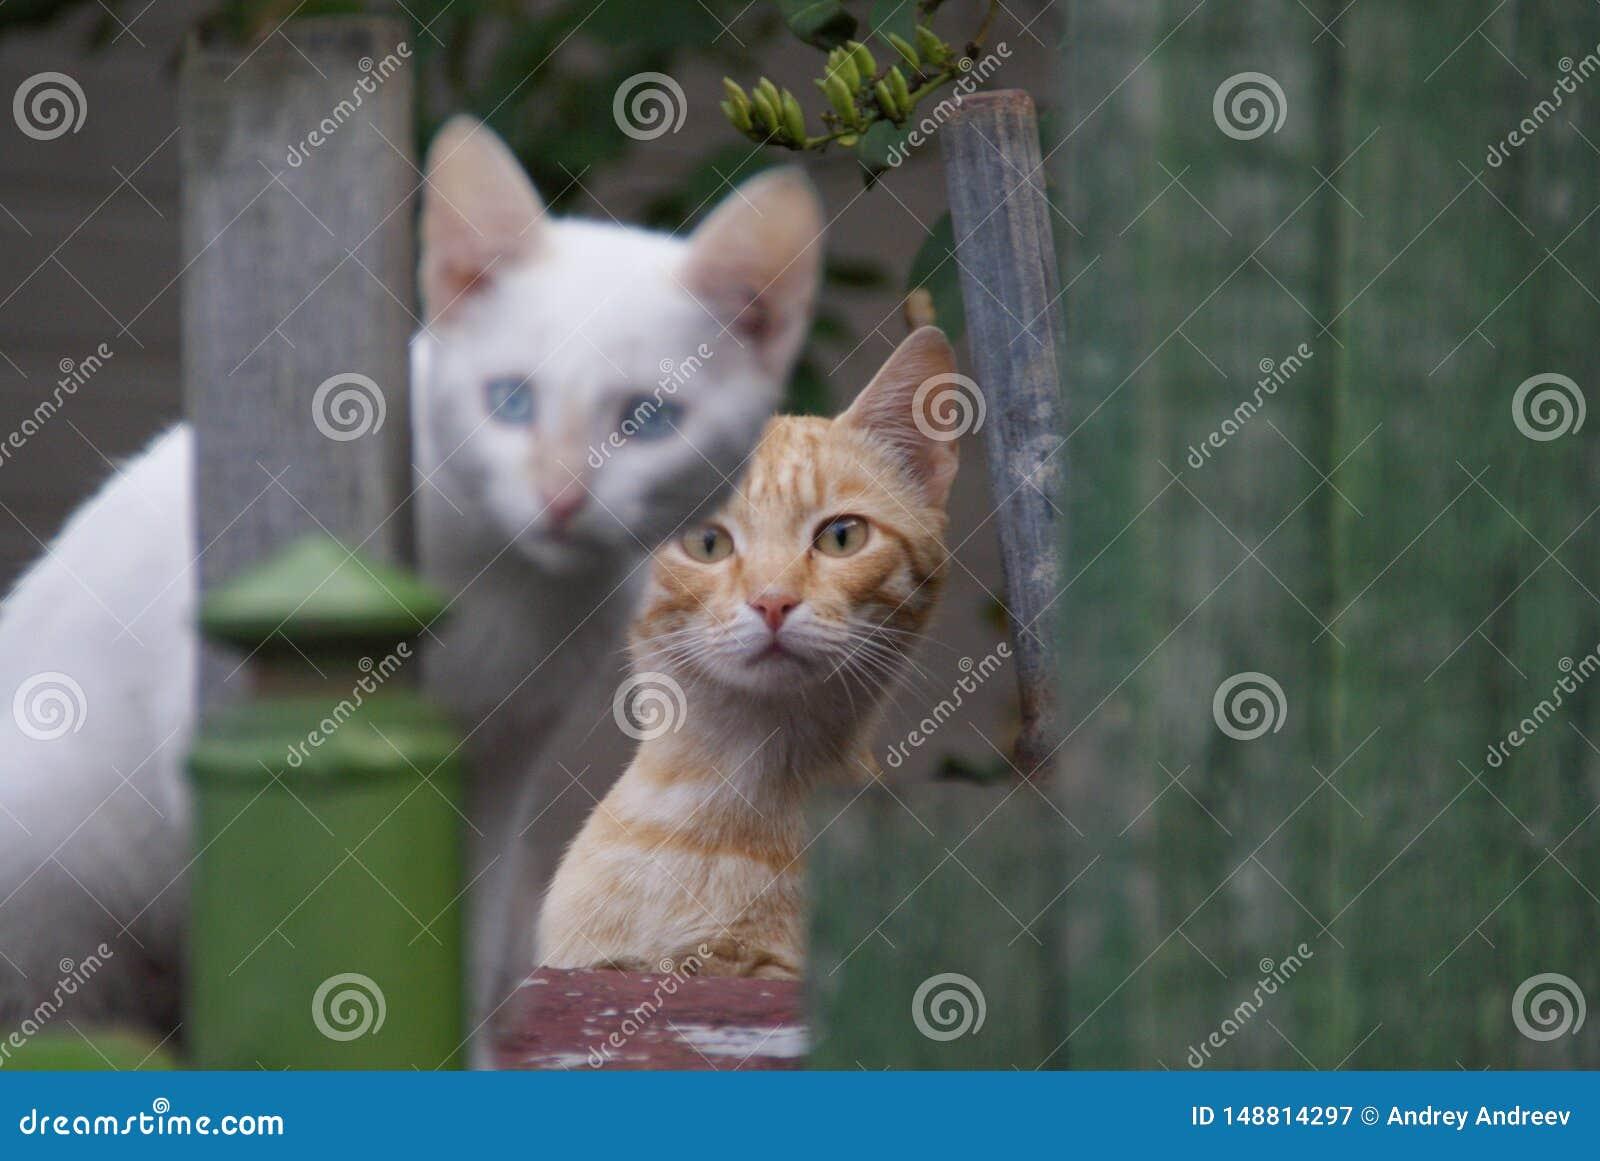 Los gatos rojos y blancos le miran